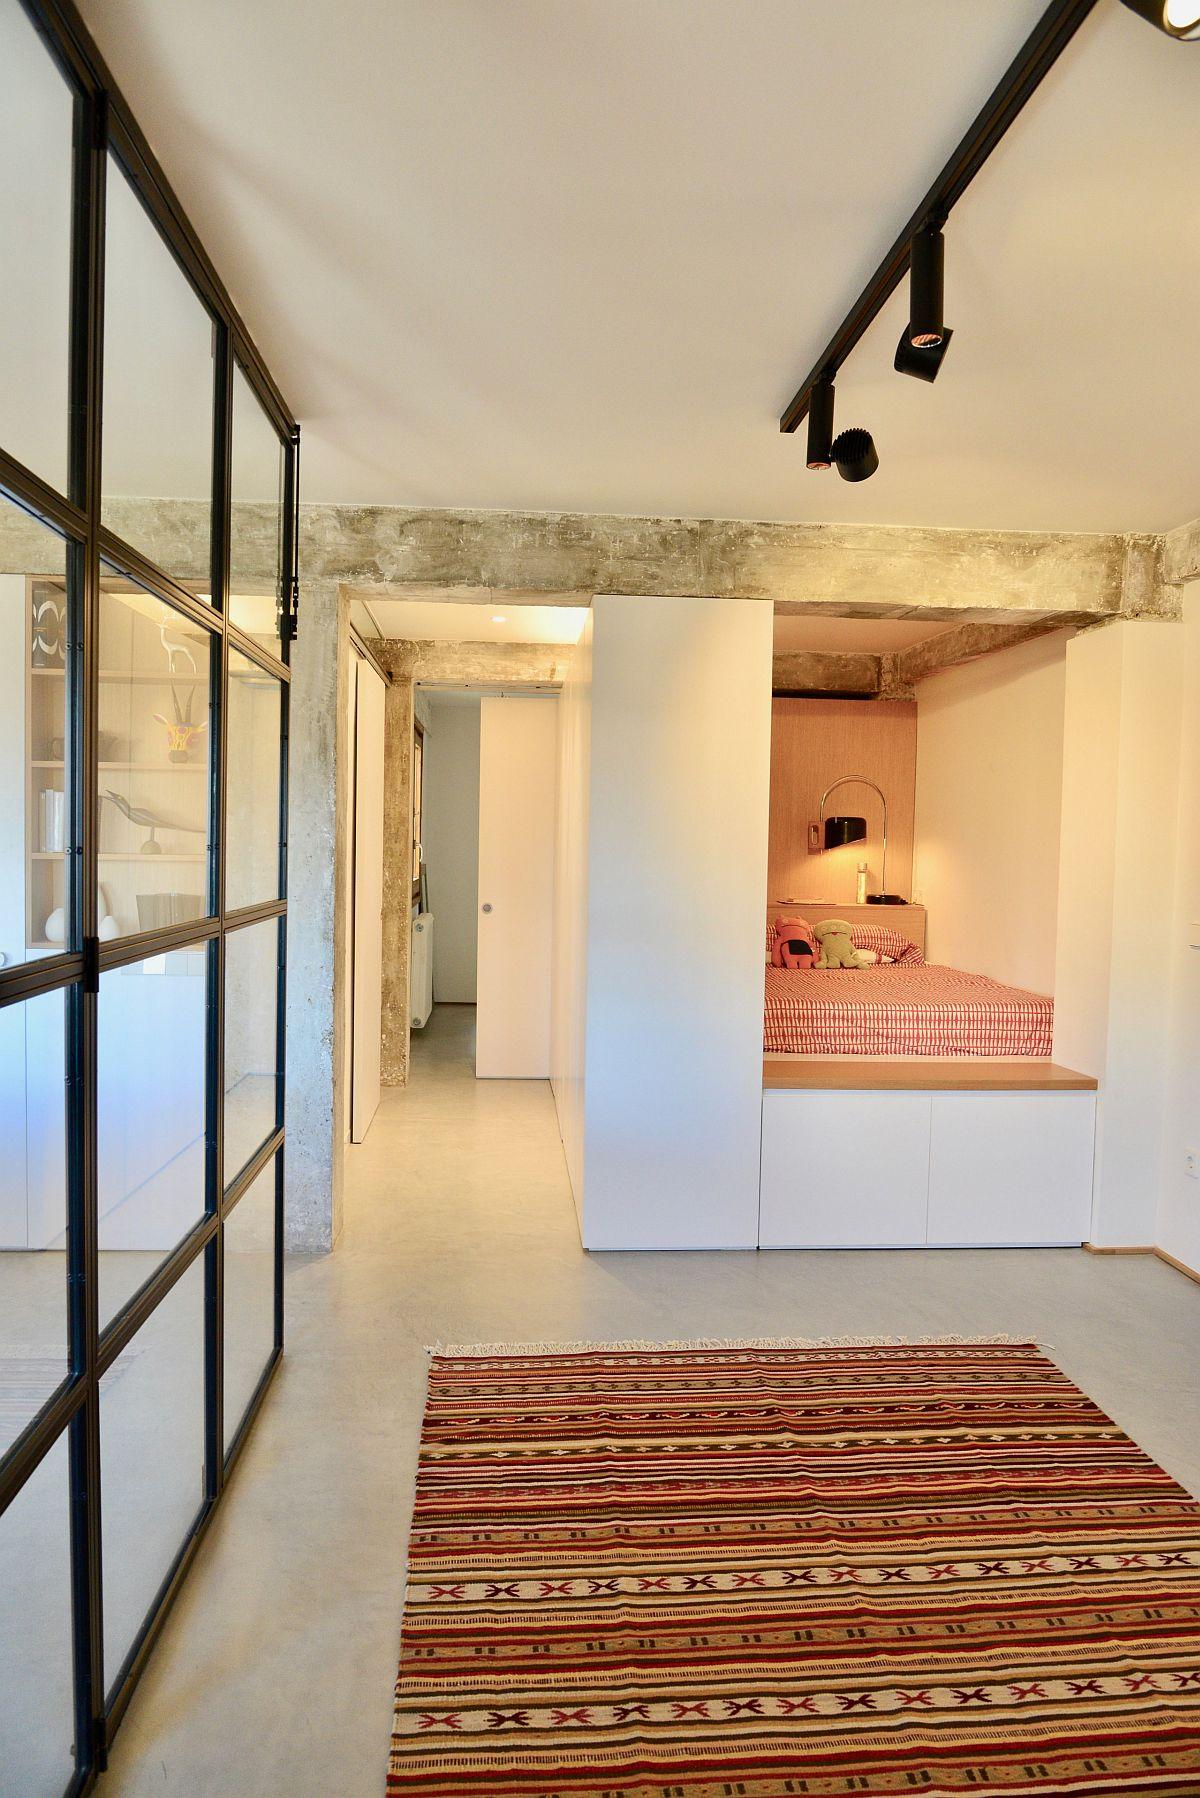 Ngõ nhỏ trong góc được biến thành một phòng ngủ ấm cúng